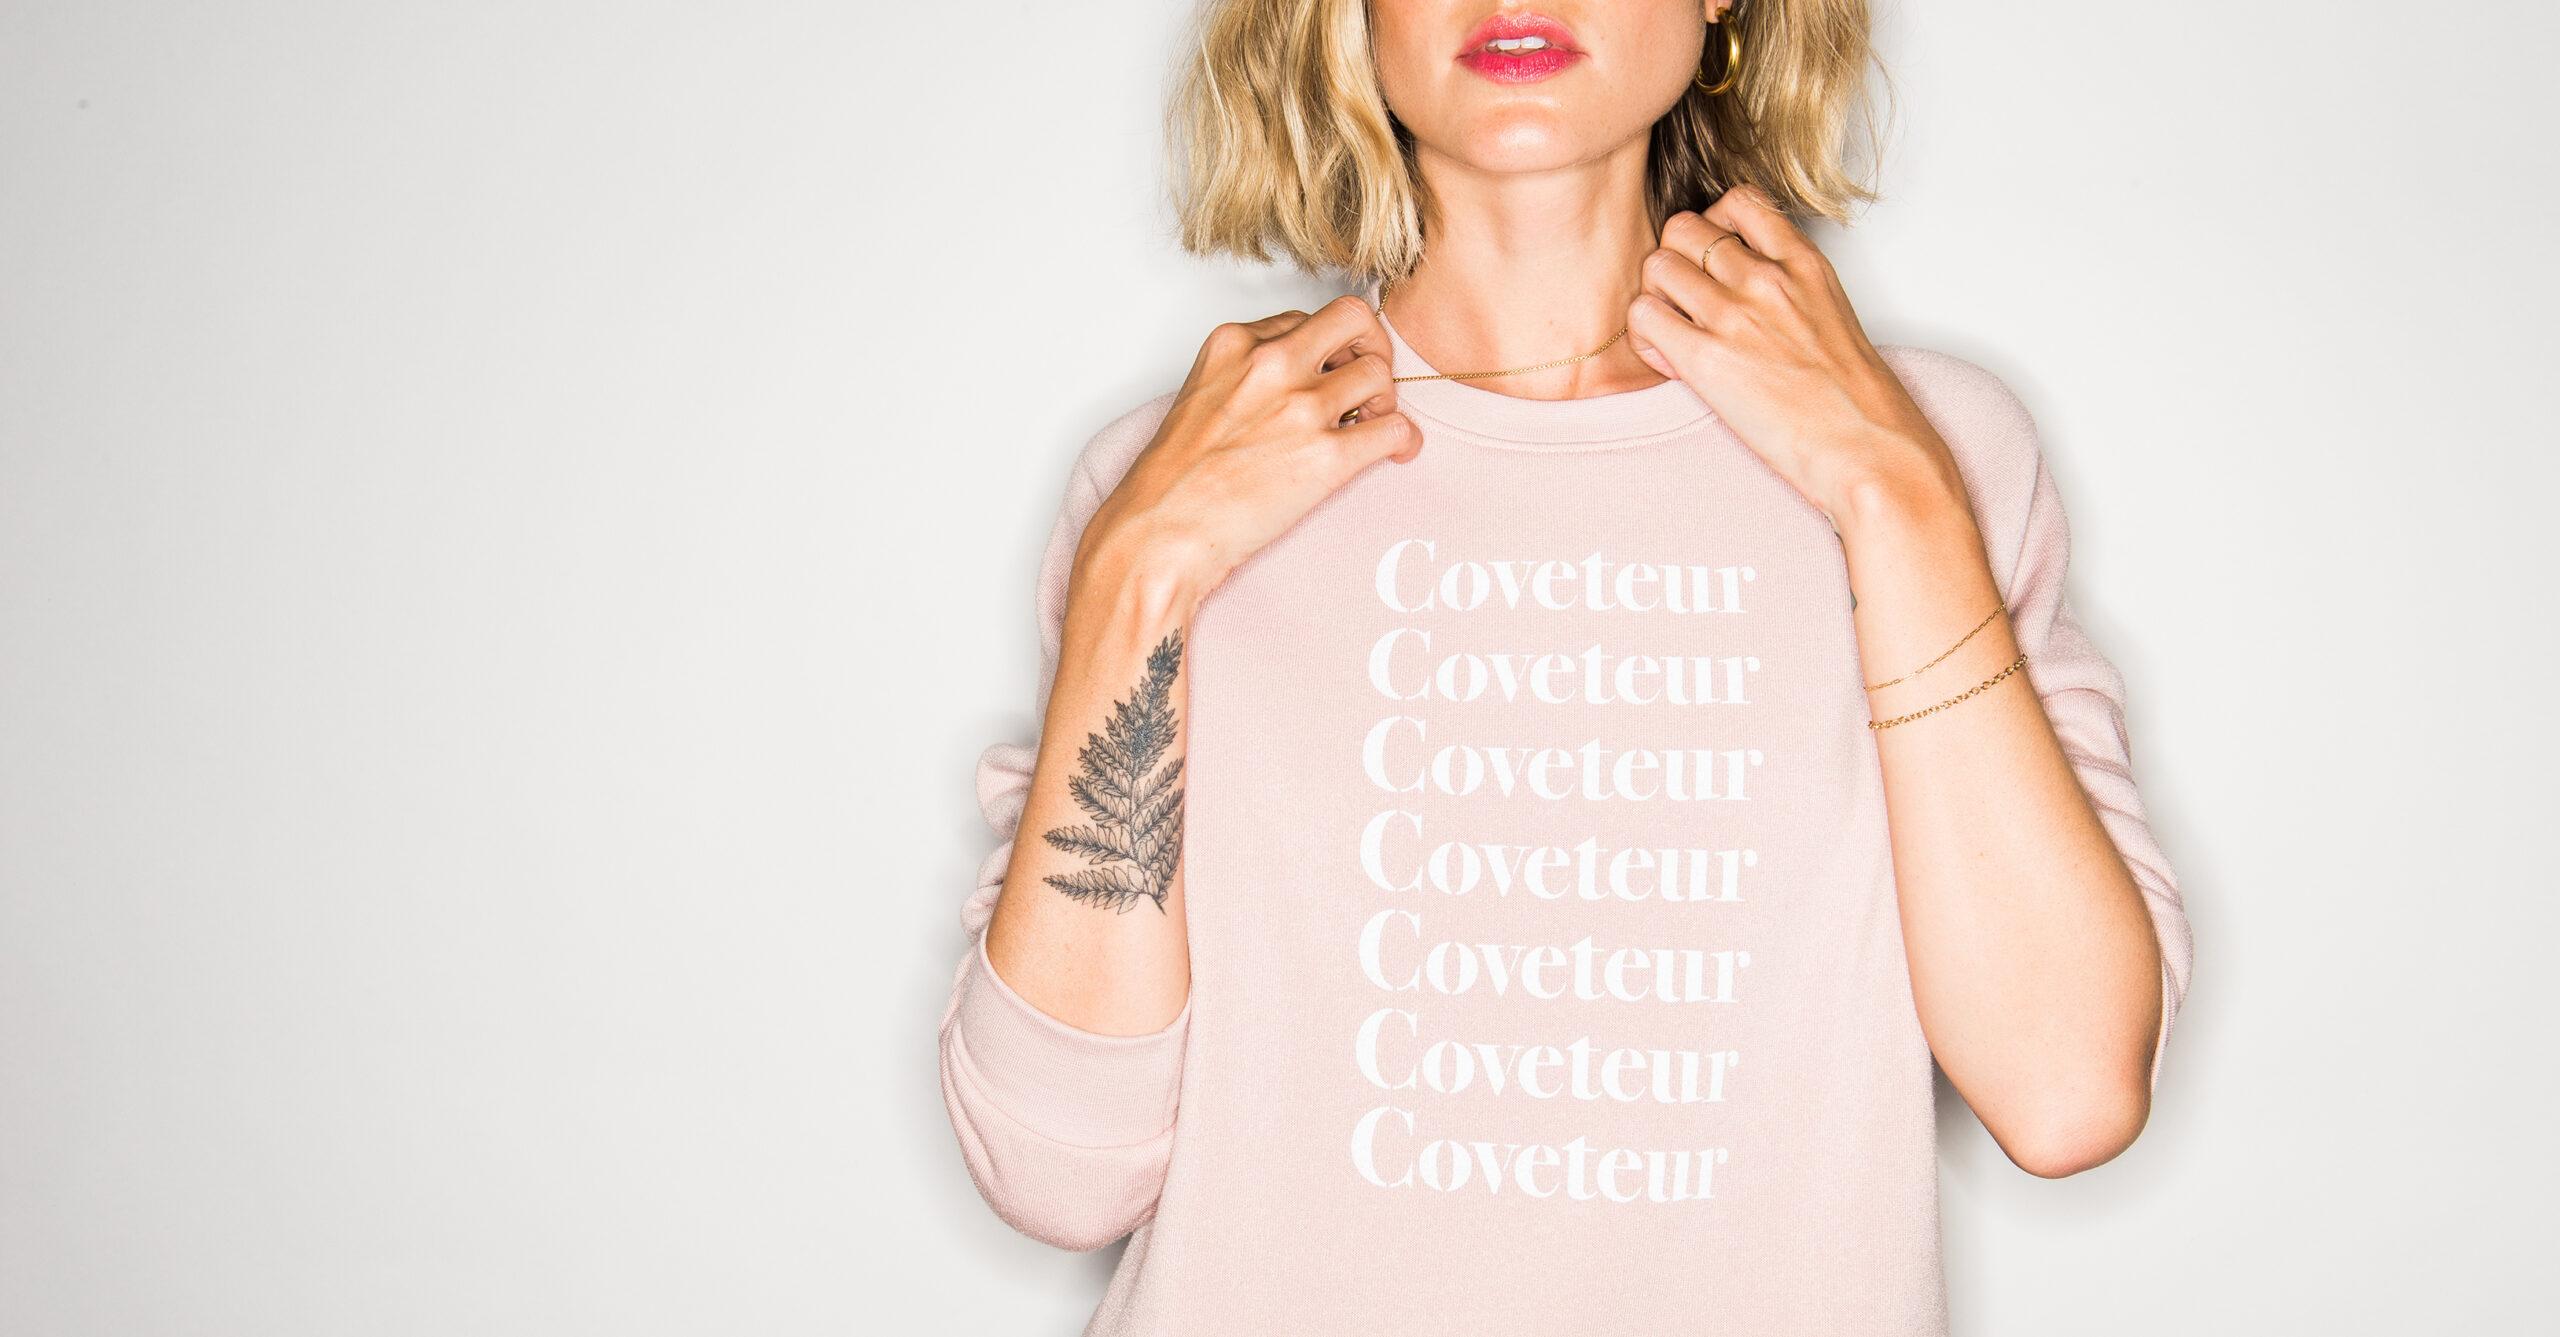 Cov_Shop_sweatshirt